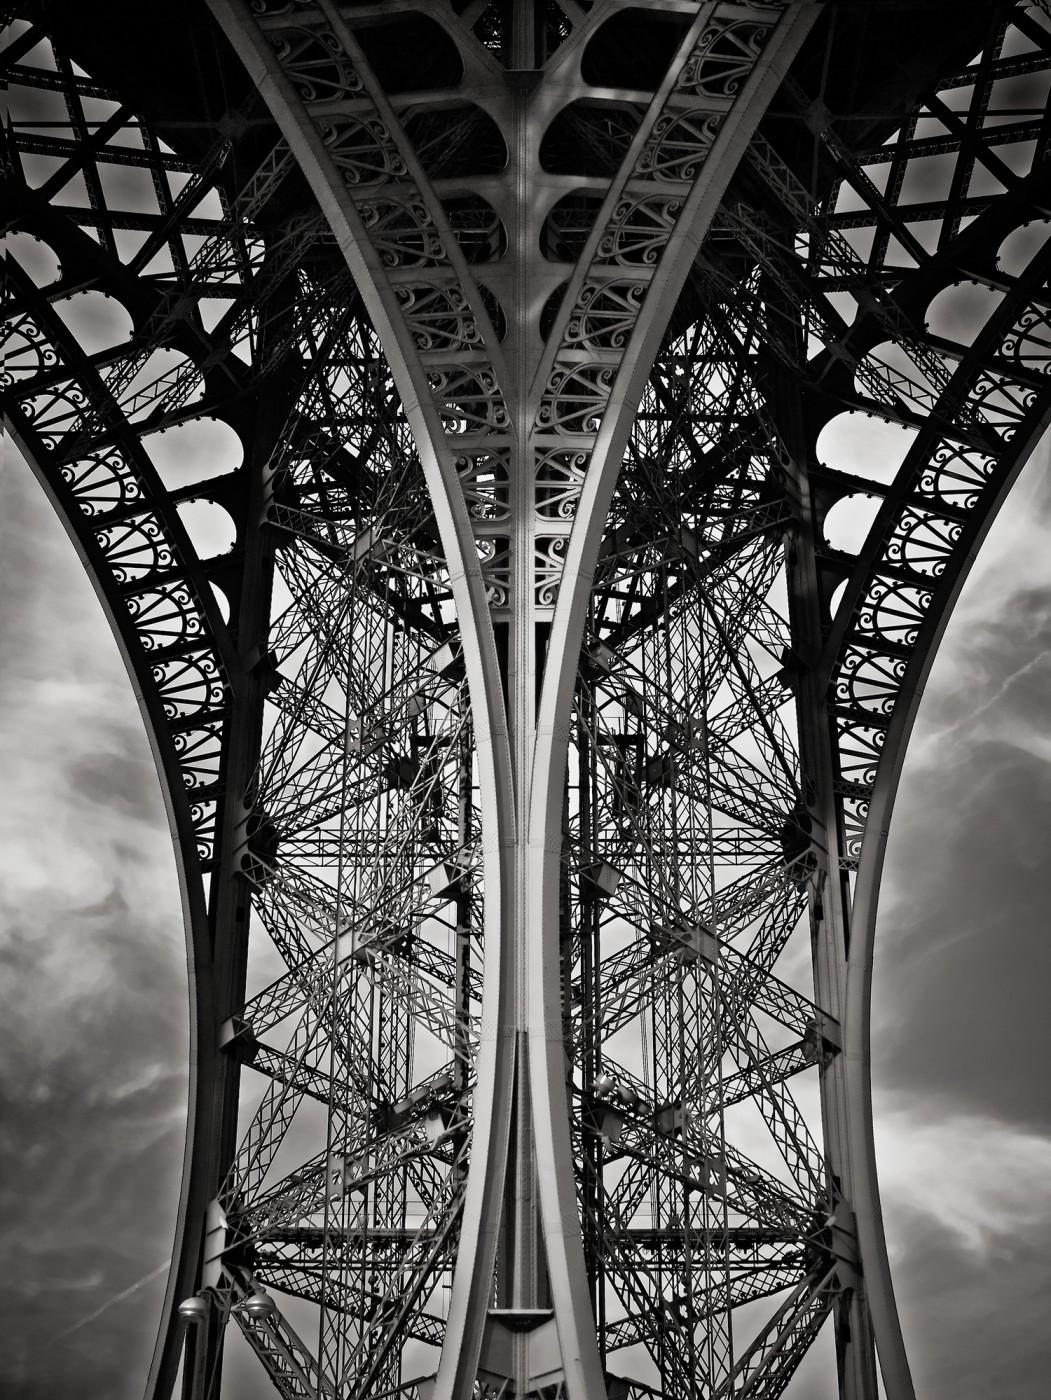 Matthew Plexman, </span><span><em>Eiffel Tower Detail</em>, </span><span>1.1